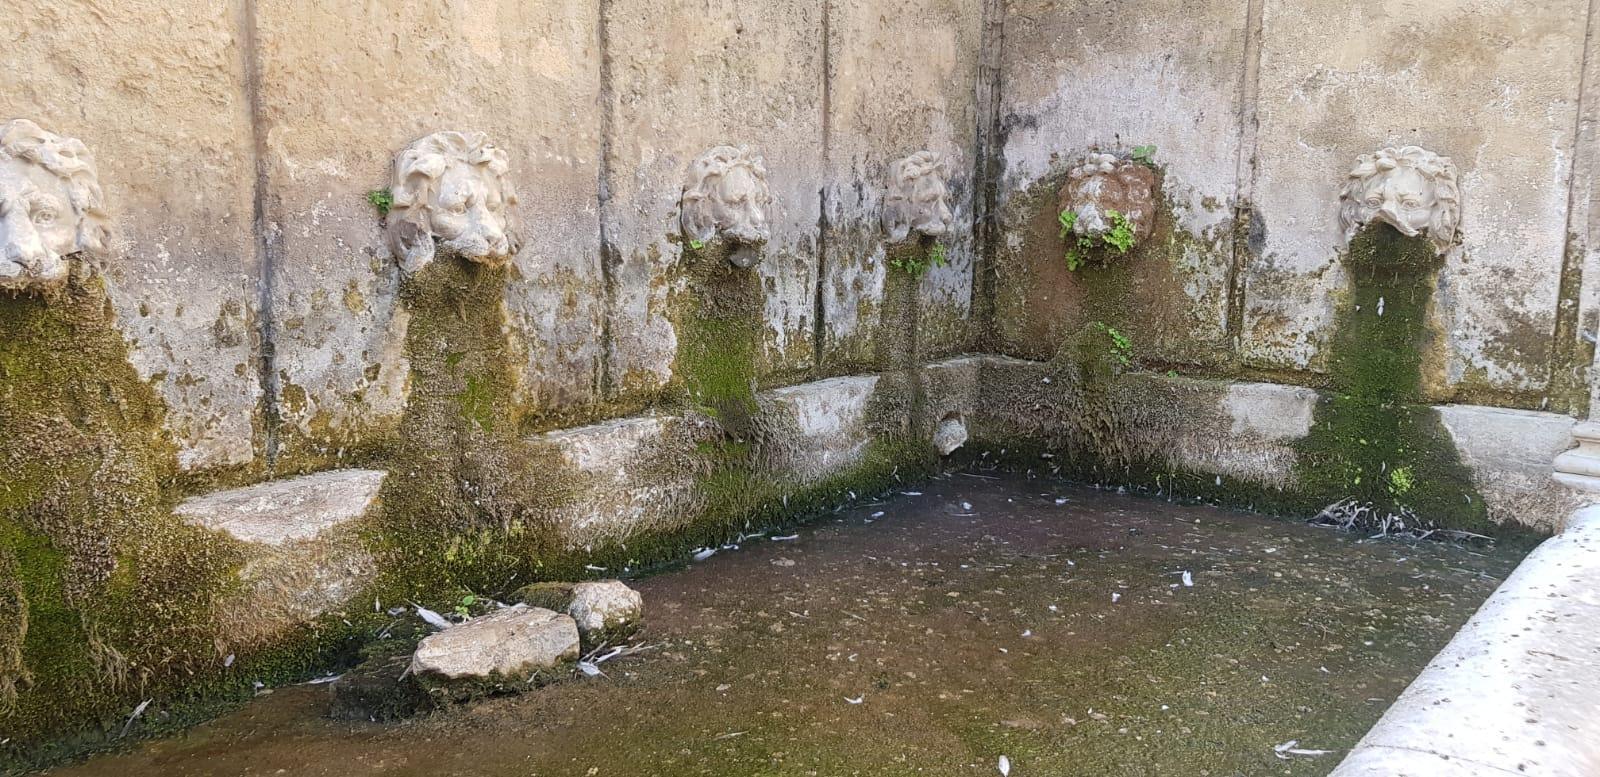 La Fontana Grande a secco: cos'è successo?